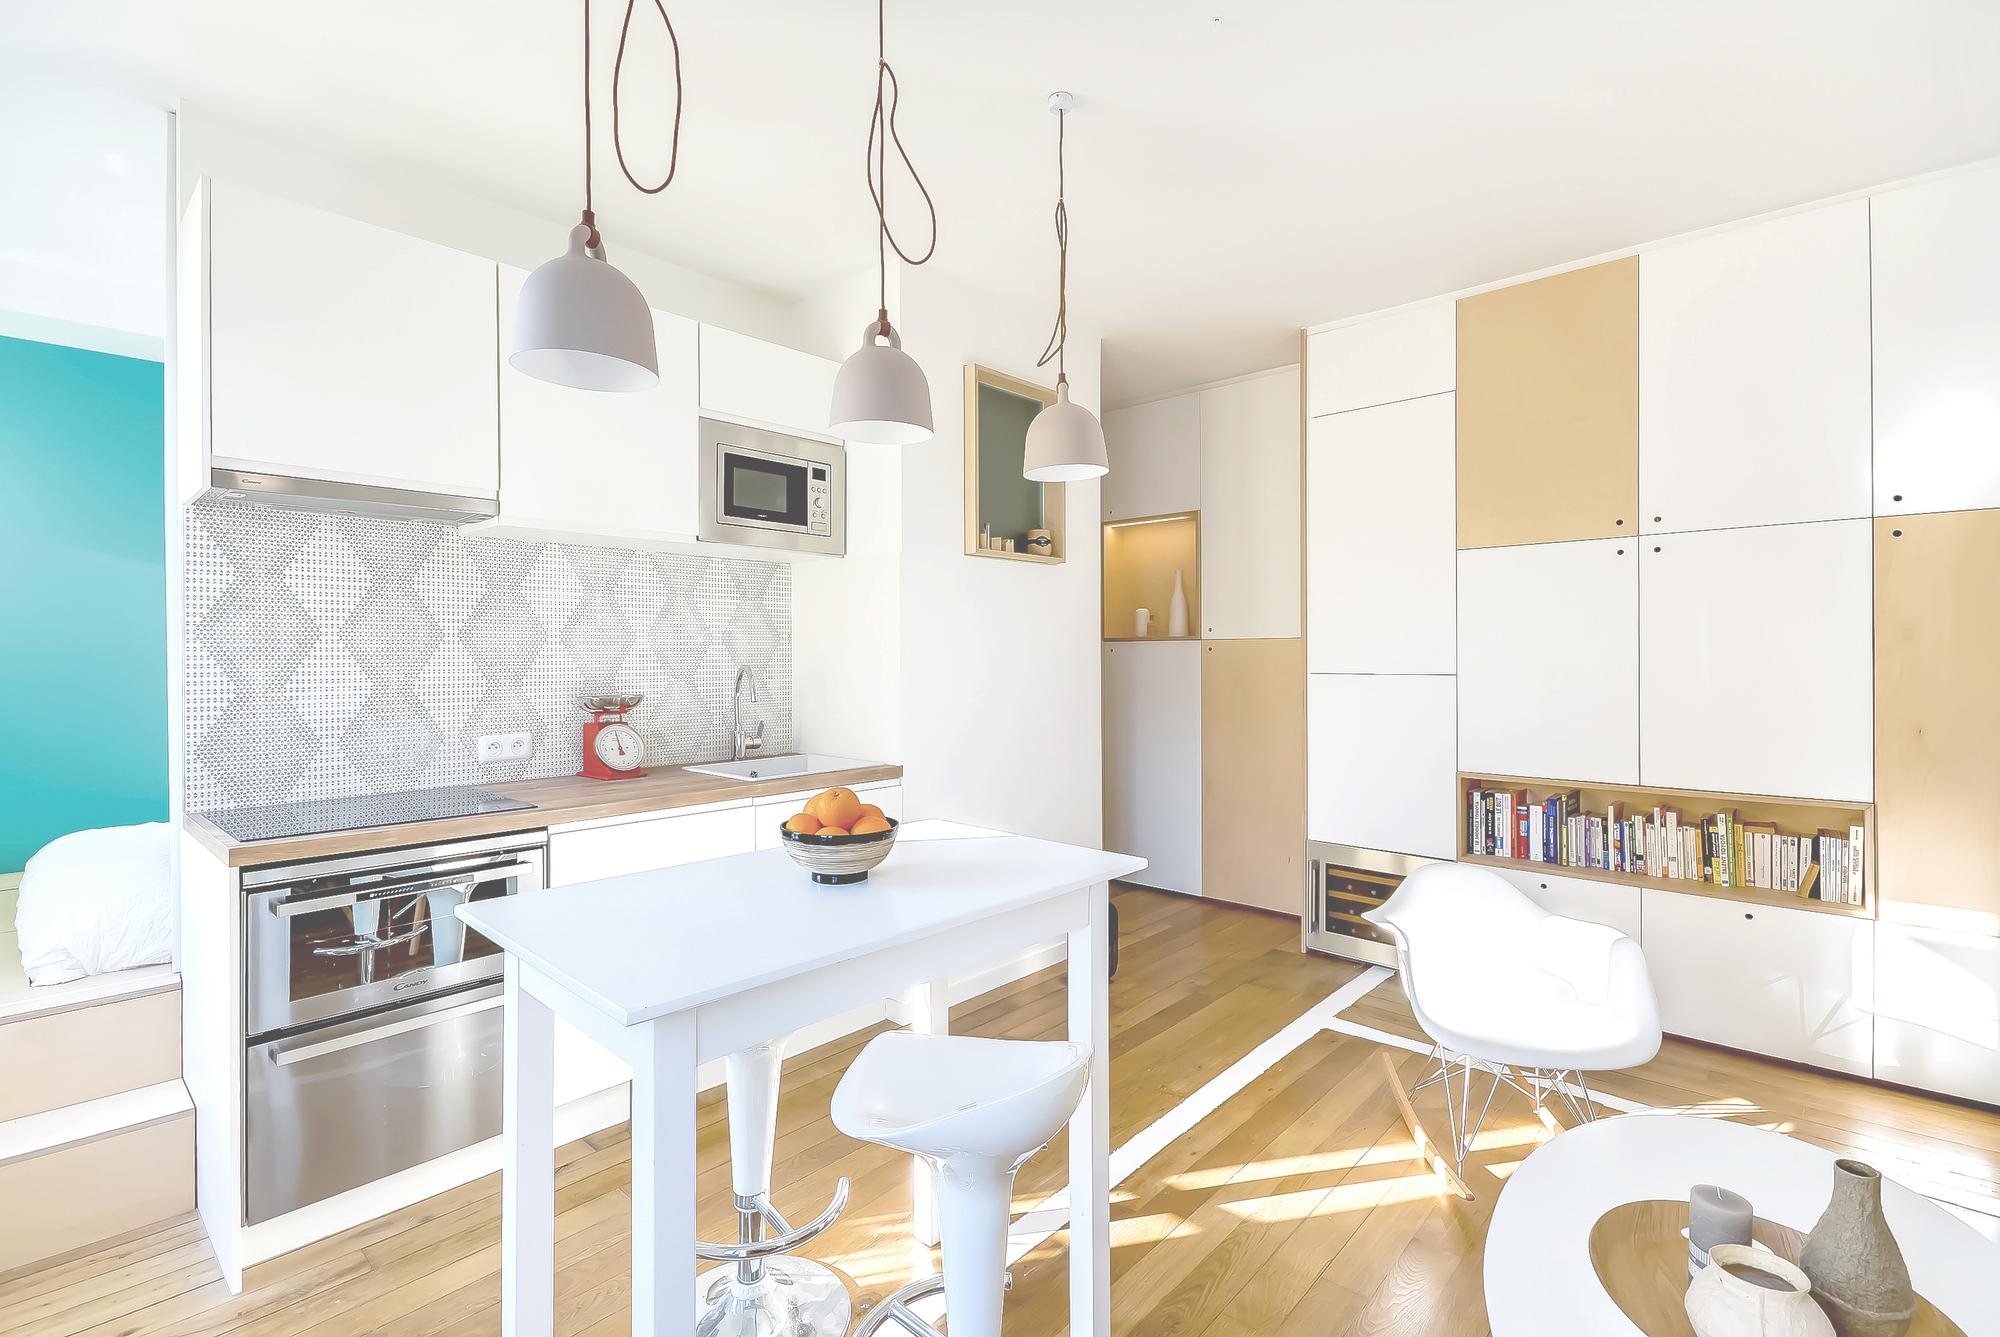 30m2 apartment in paris 2 30m2 Apartment in Paris